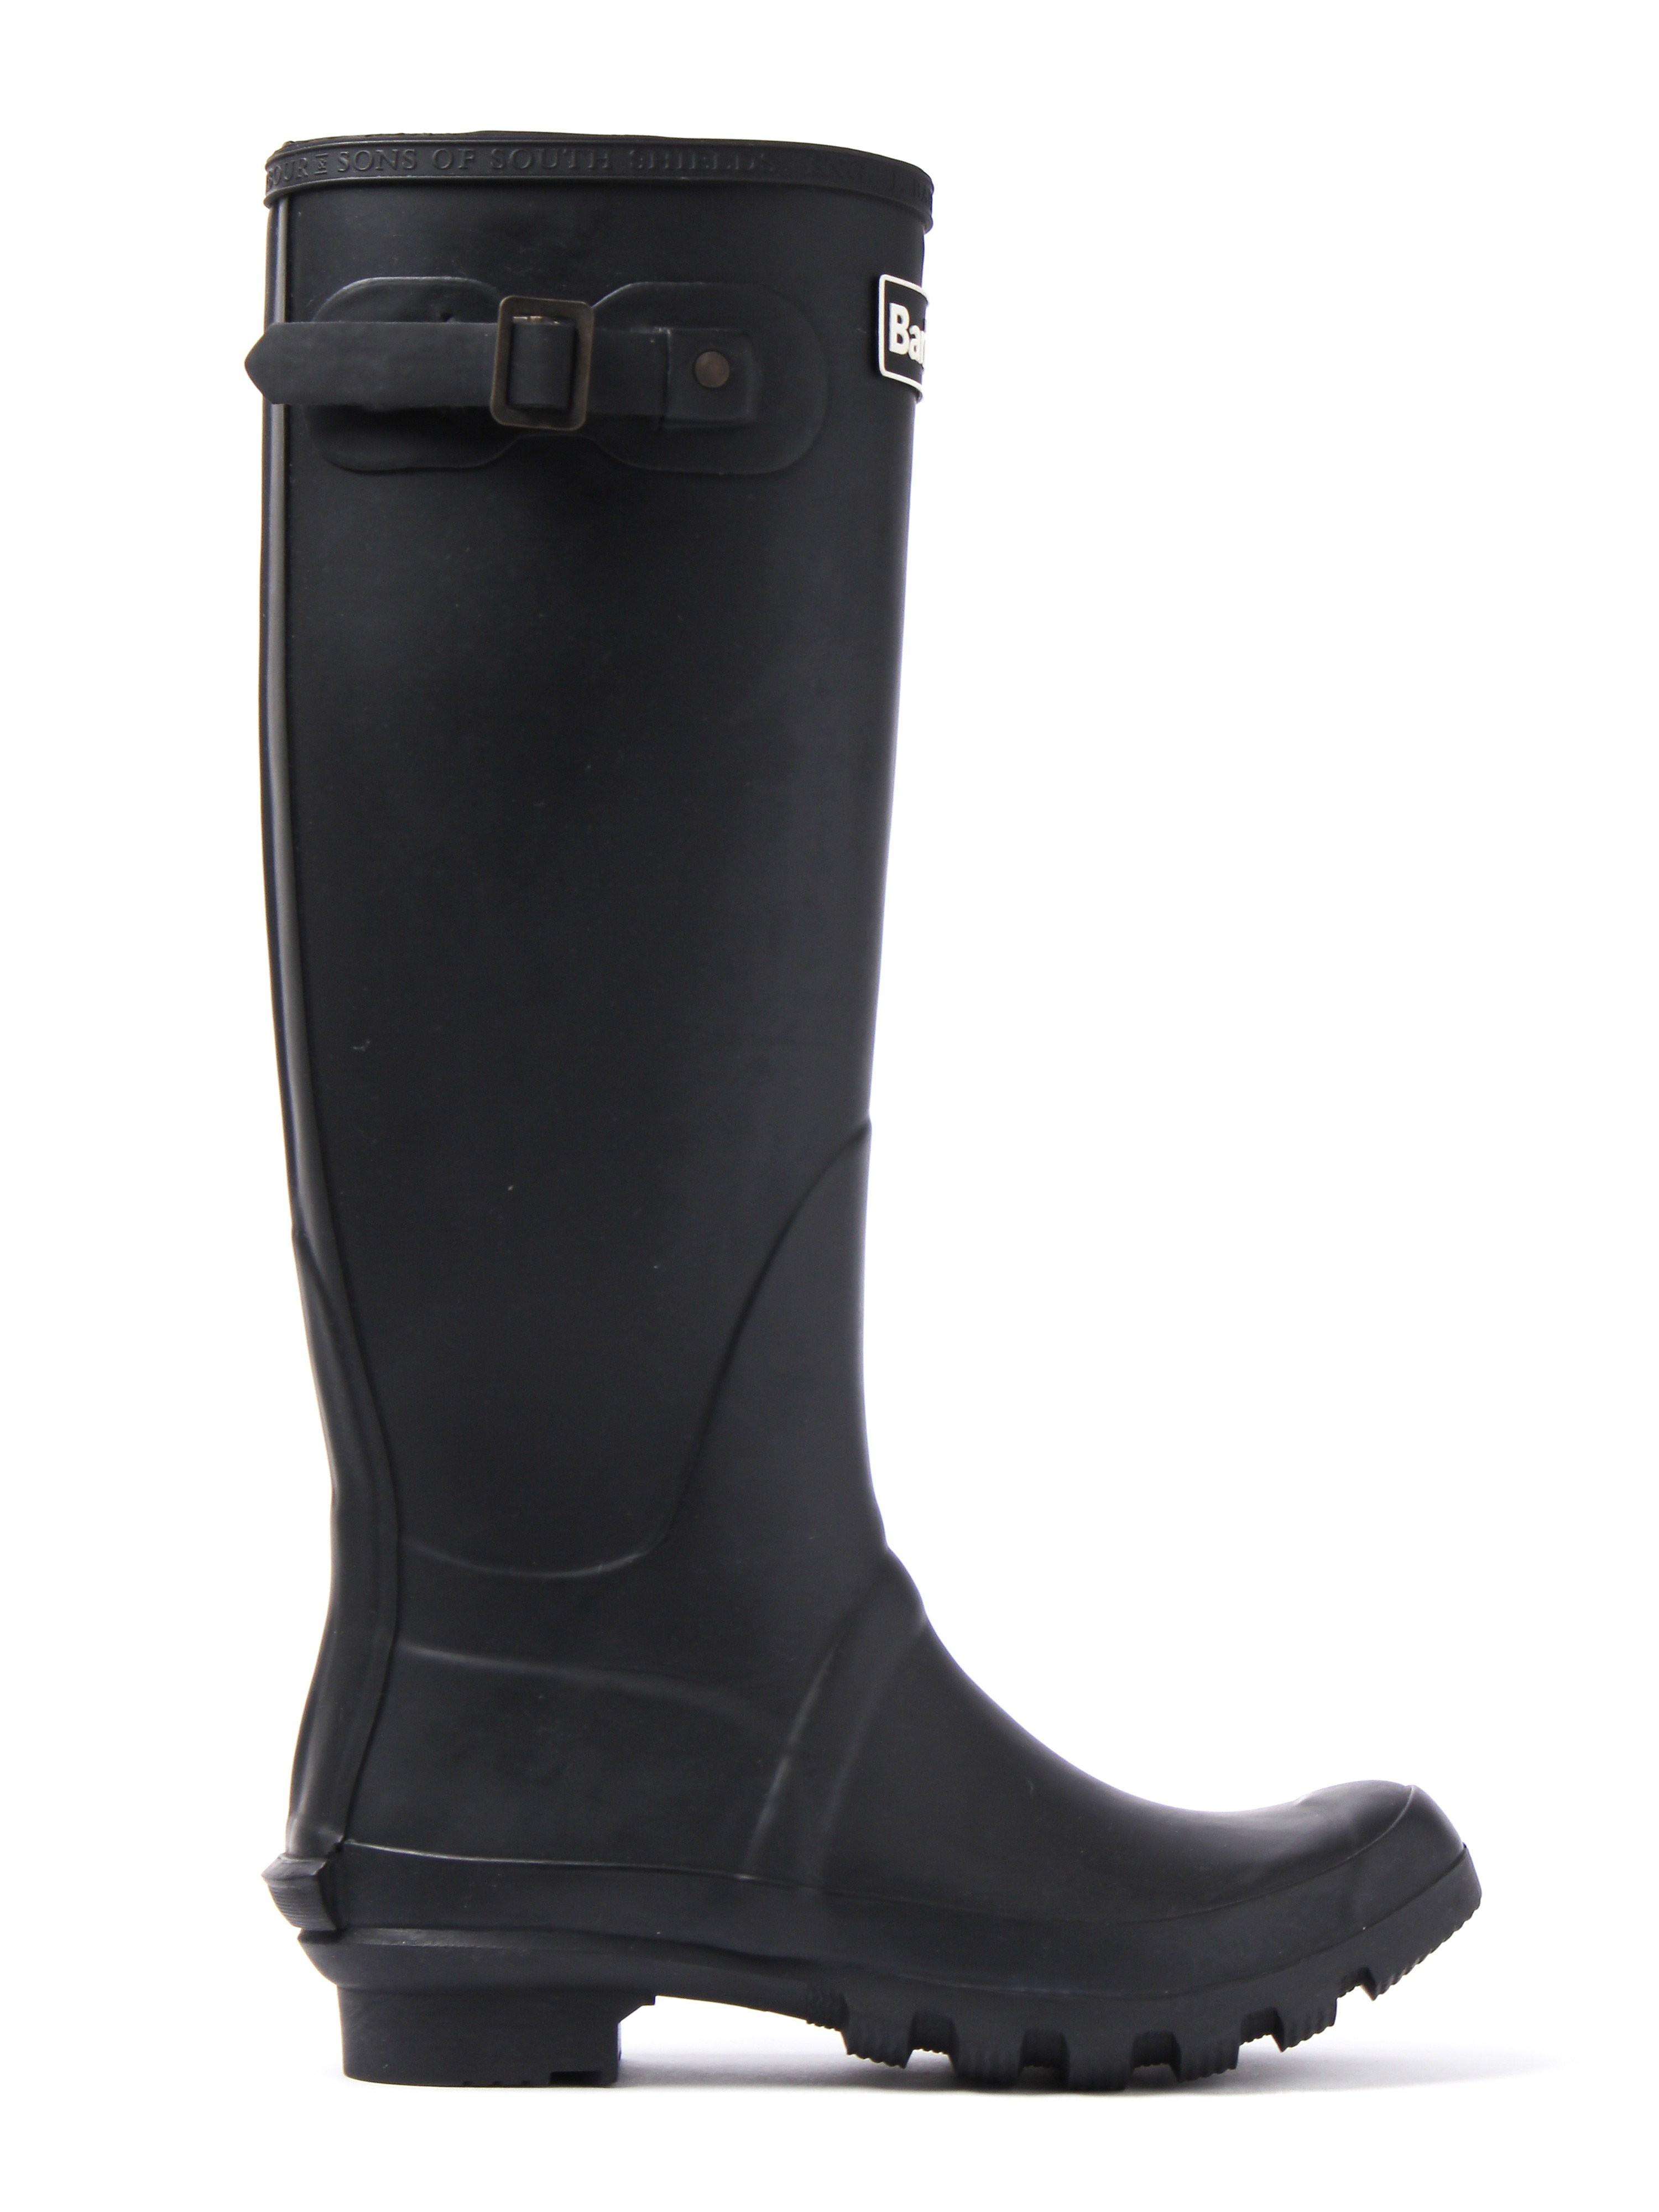 Barbour Women's Bede Rubber Wellington Boots - Black